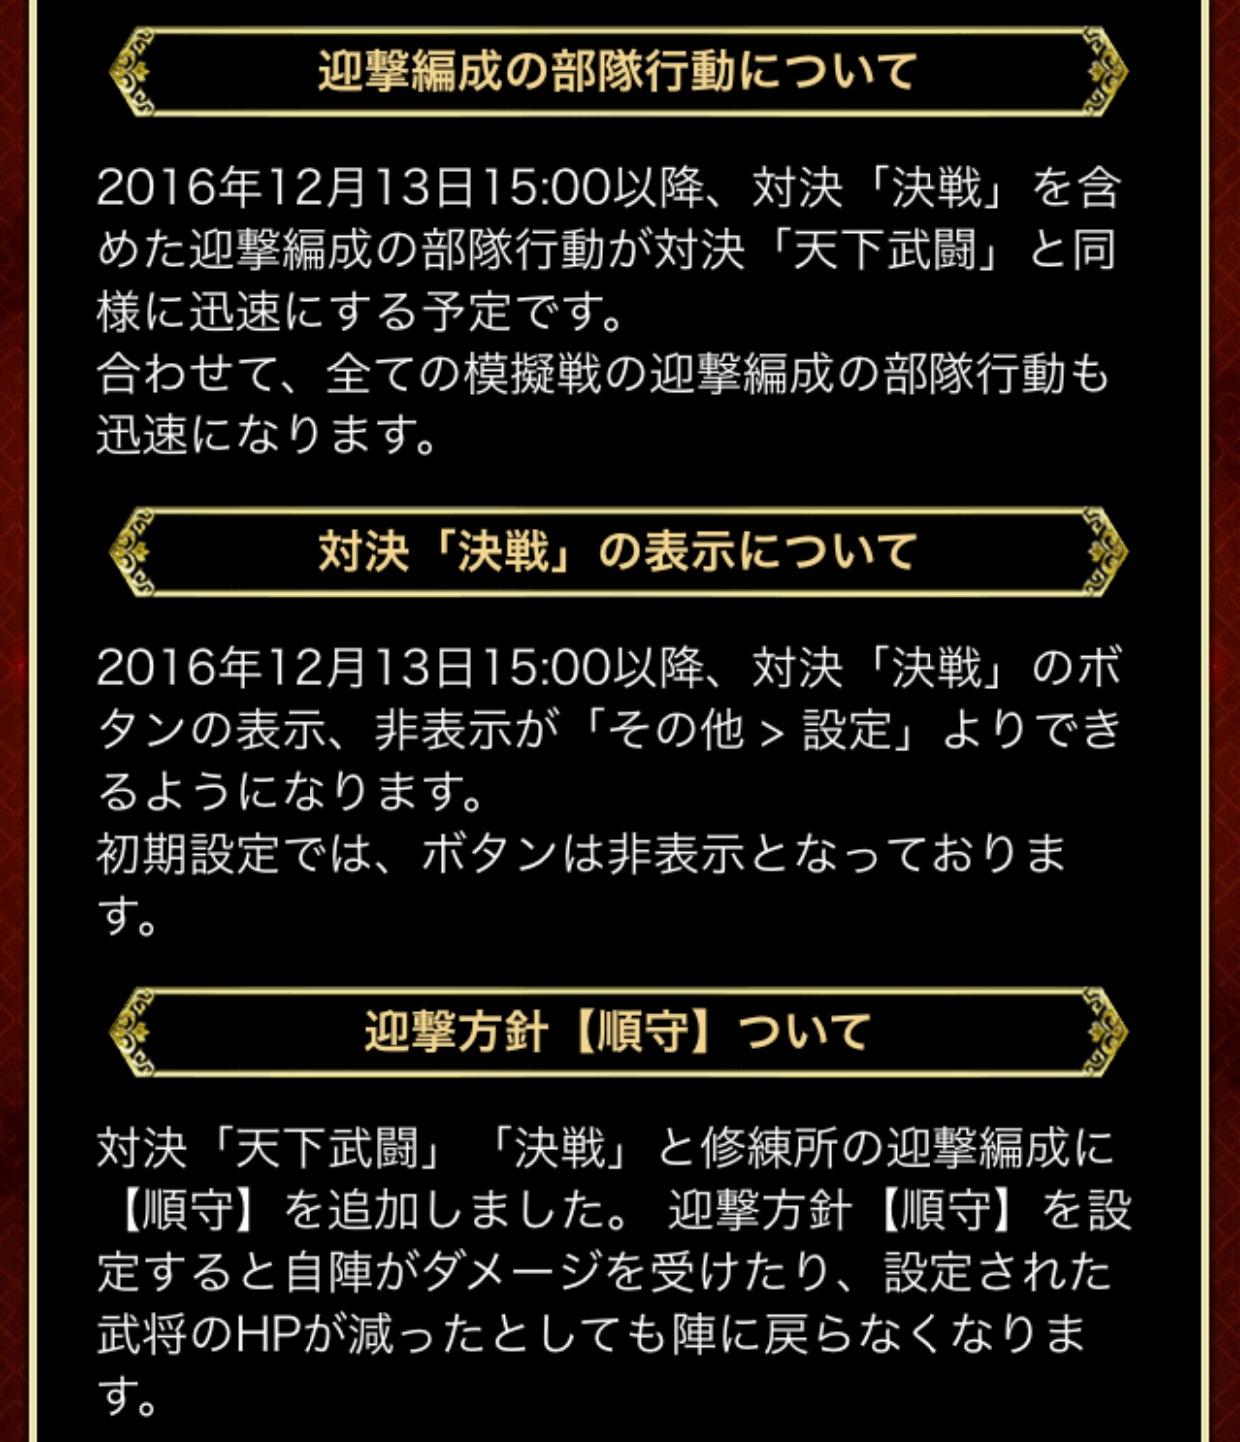 20161206214557476.jpg